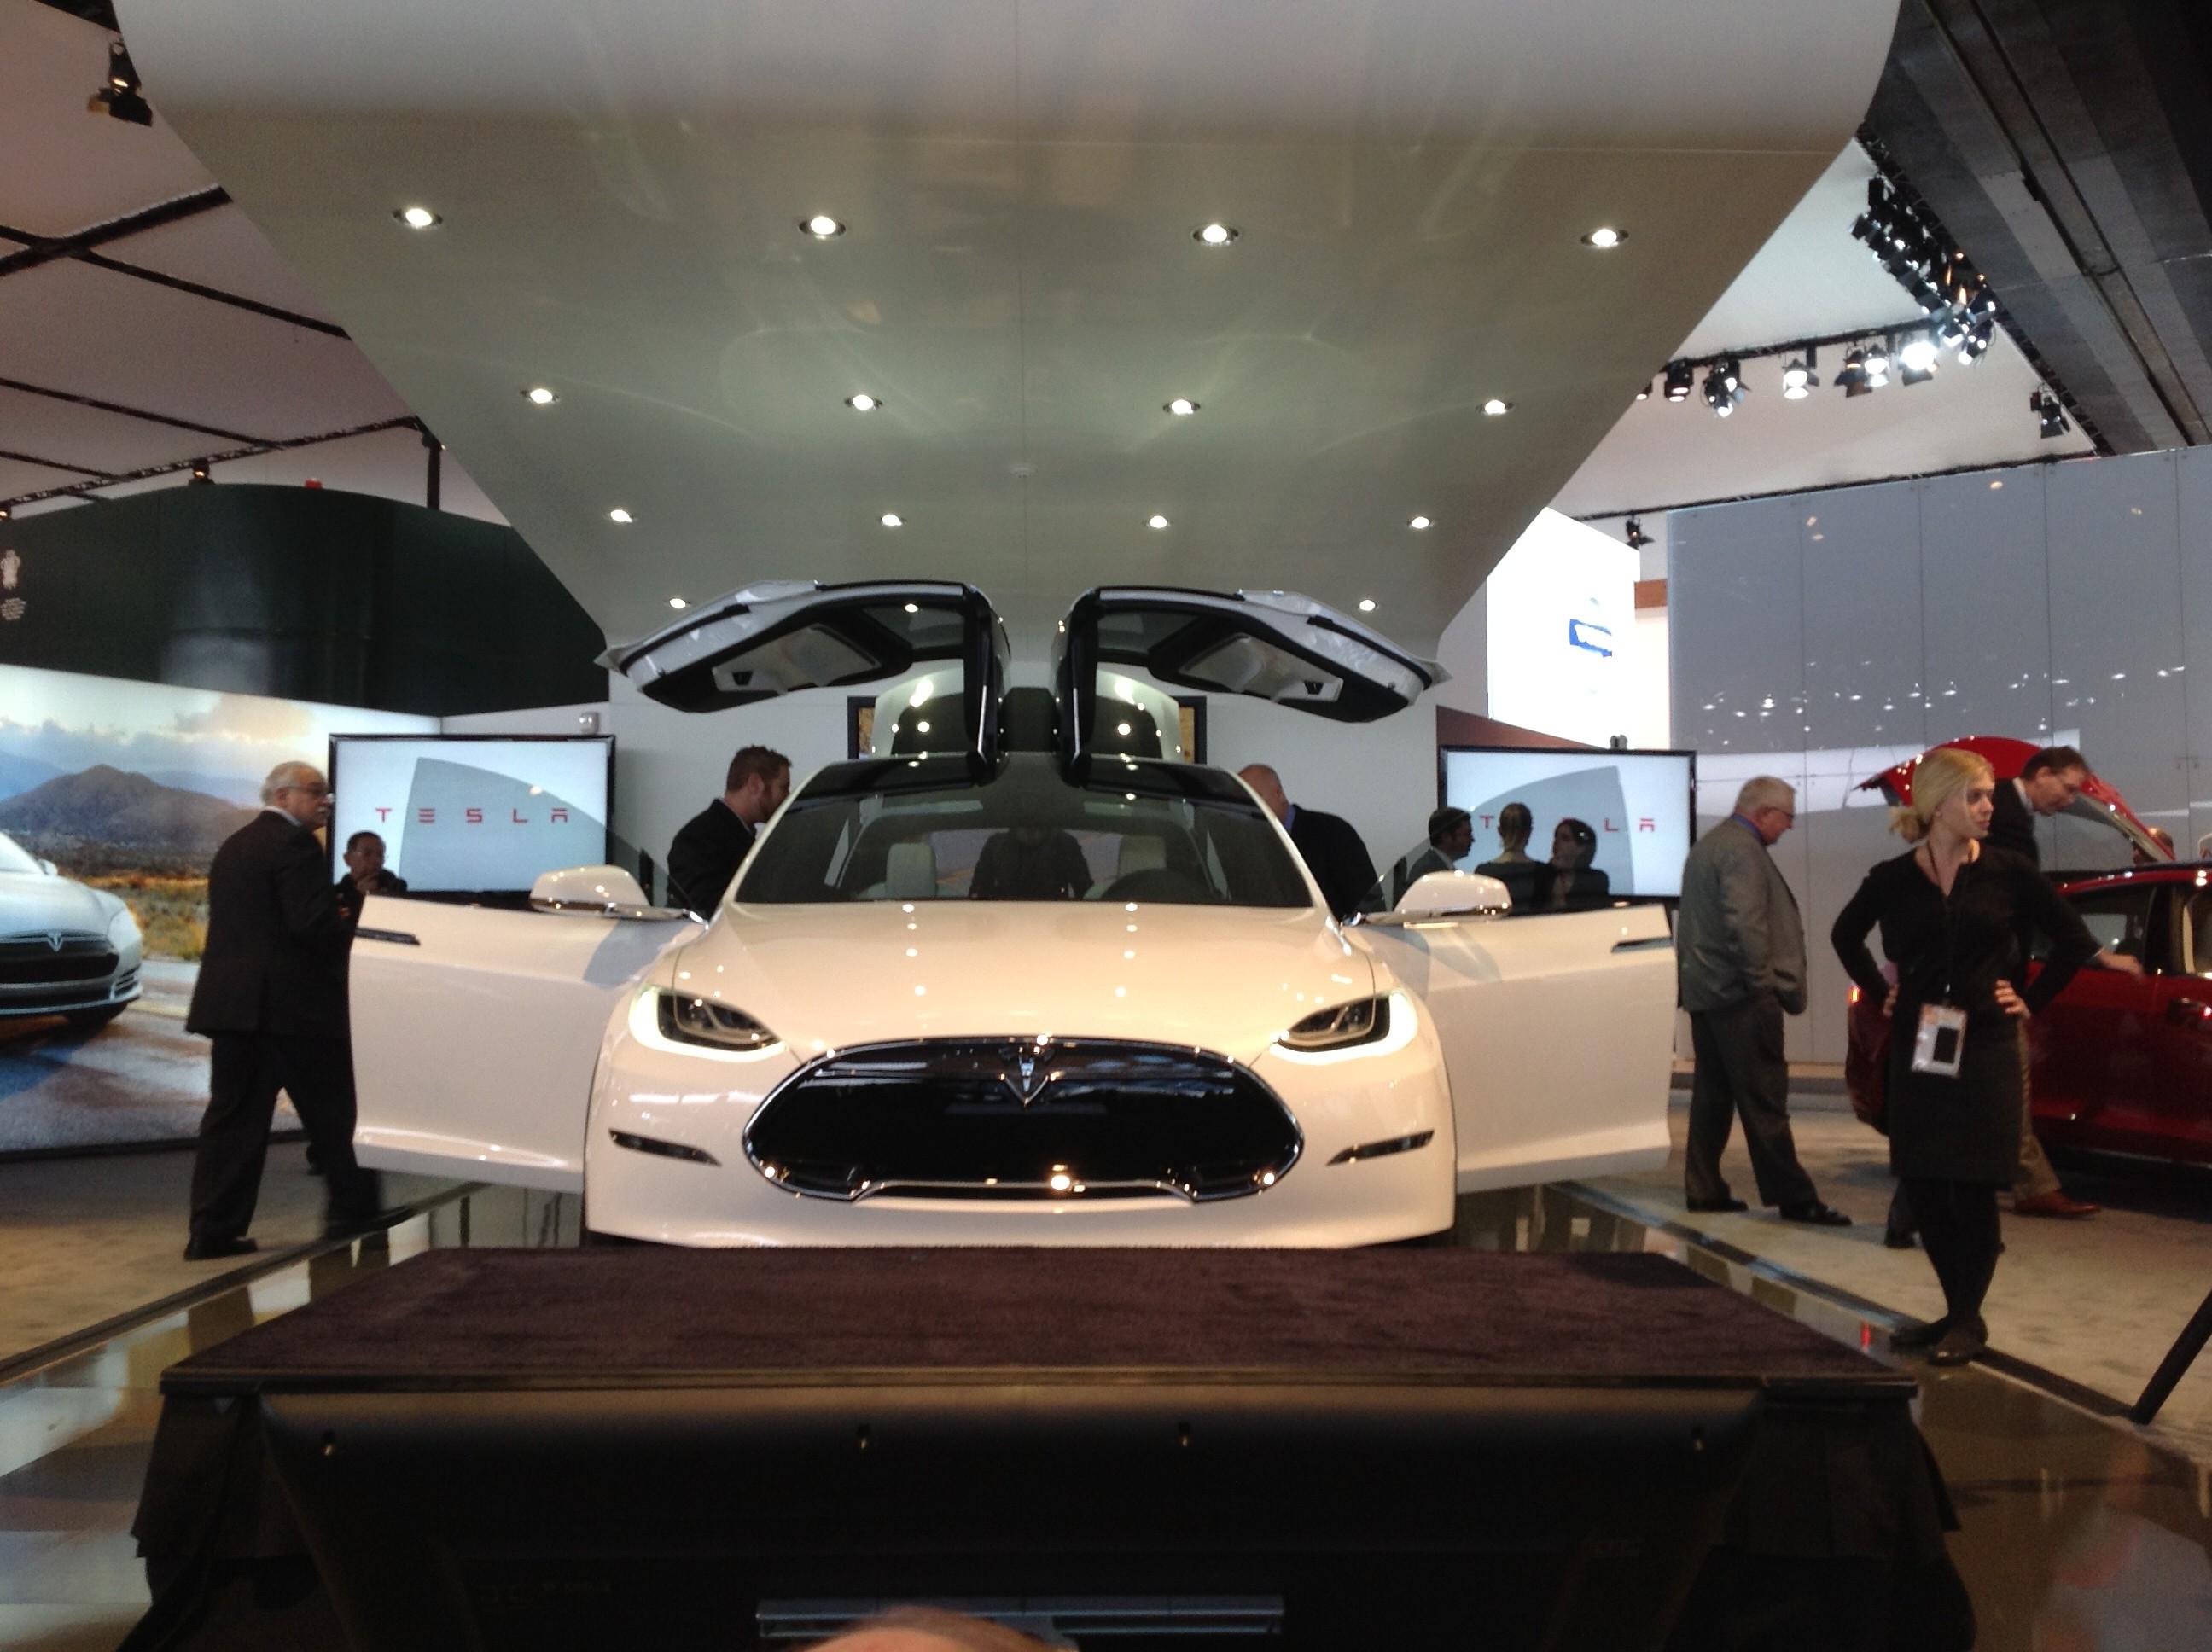 Tesla au Salon de l'Auto de Detroit 2013